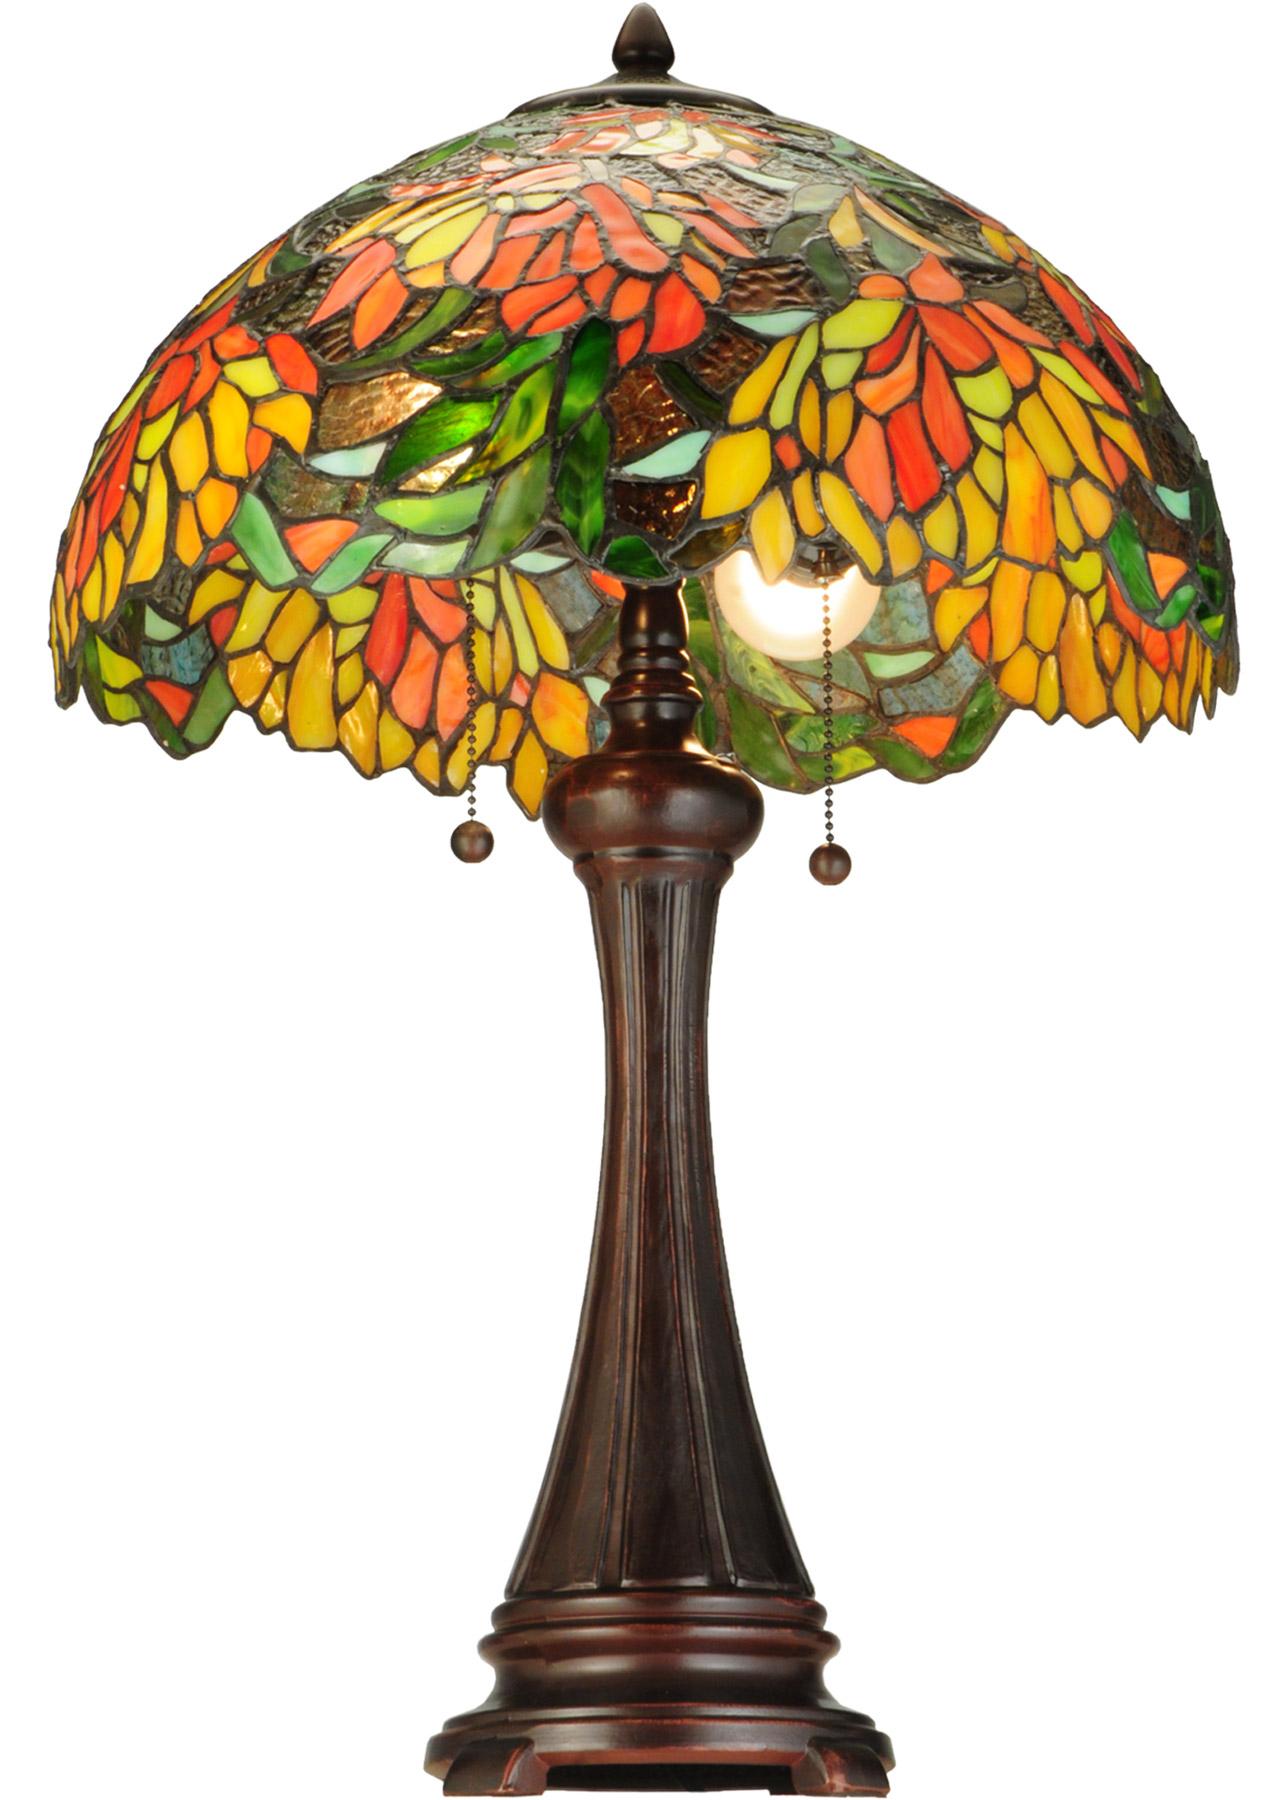 Meyda 138122 Lamella Table Lamp